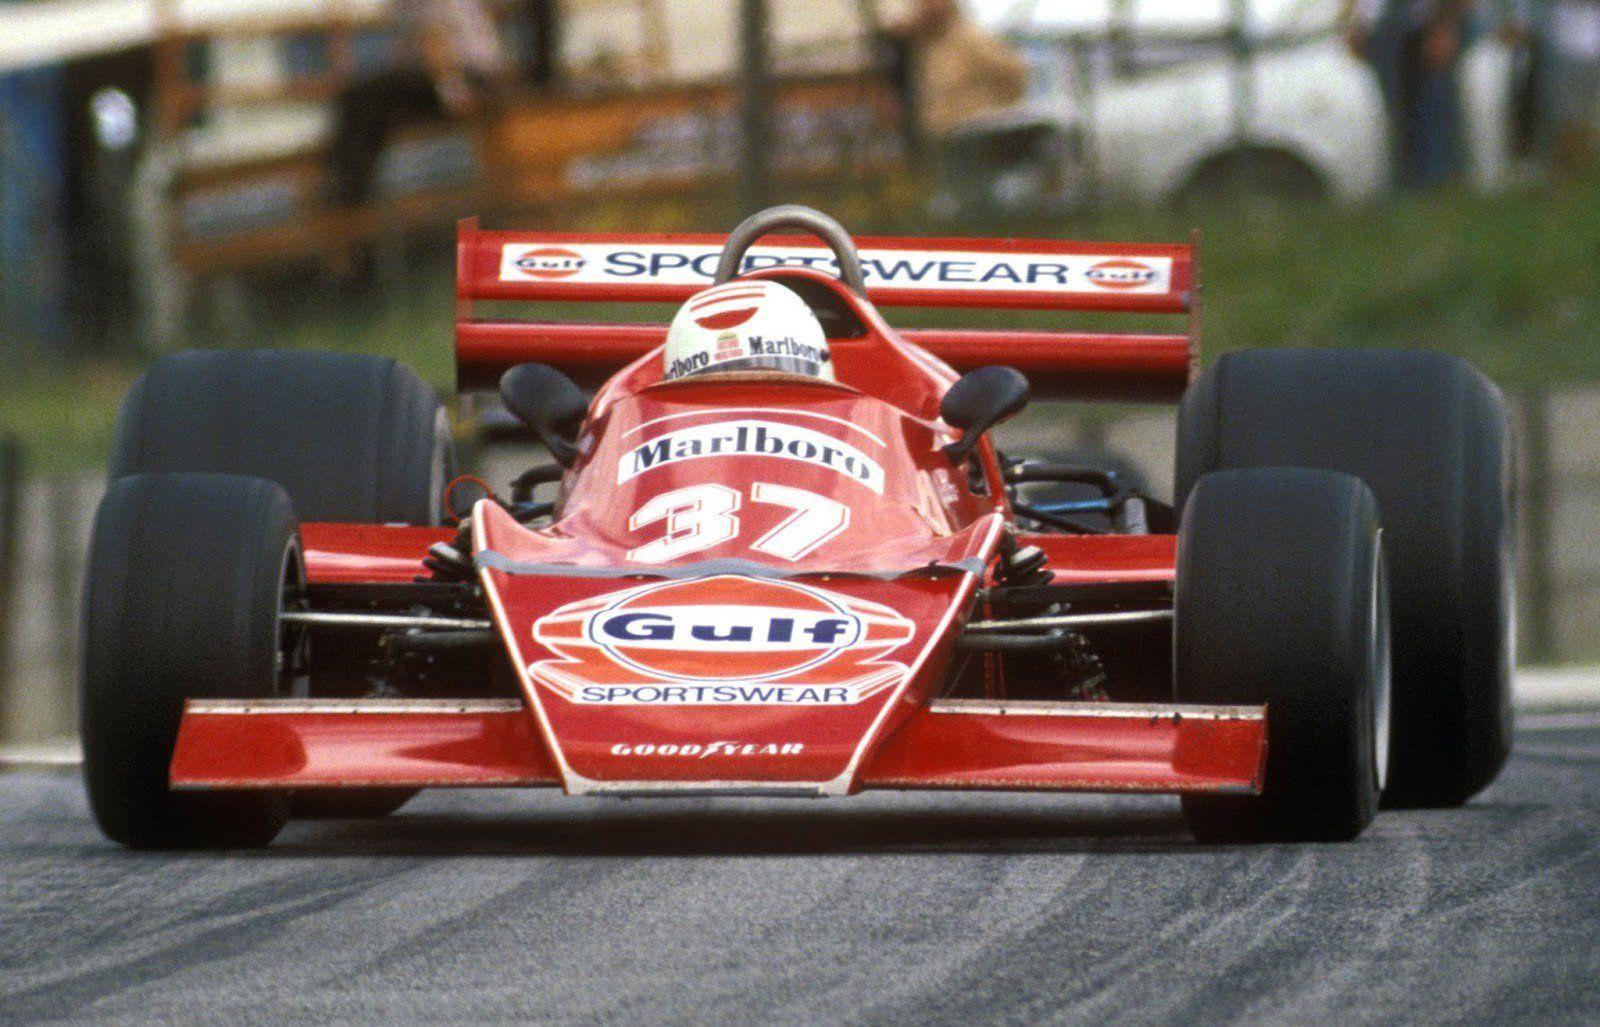 Populares Racing, Arturo merzario, Formula 1 car